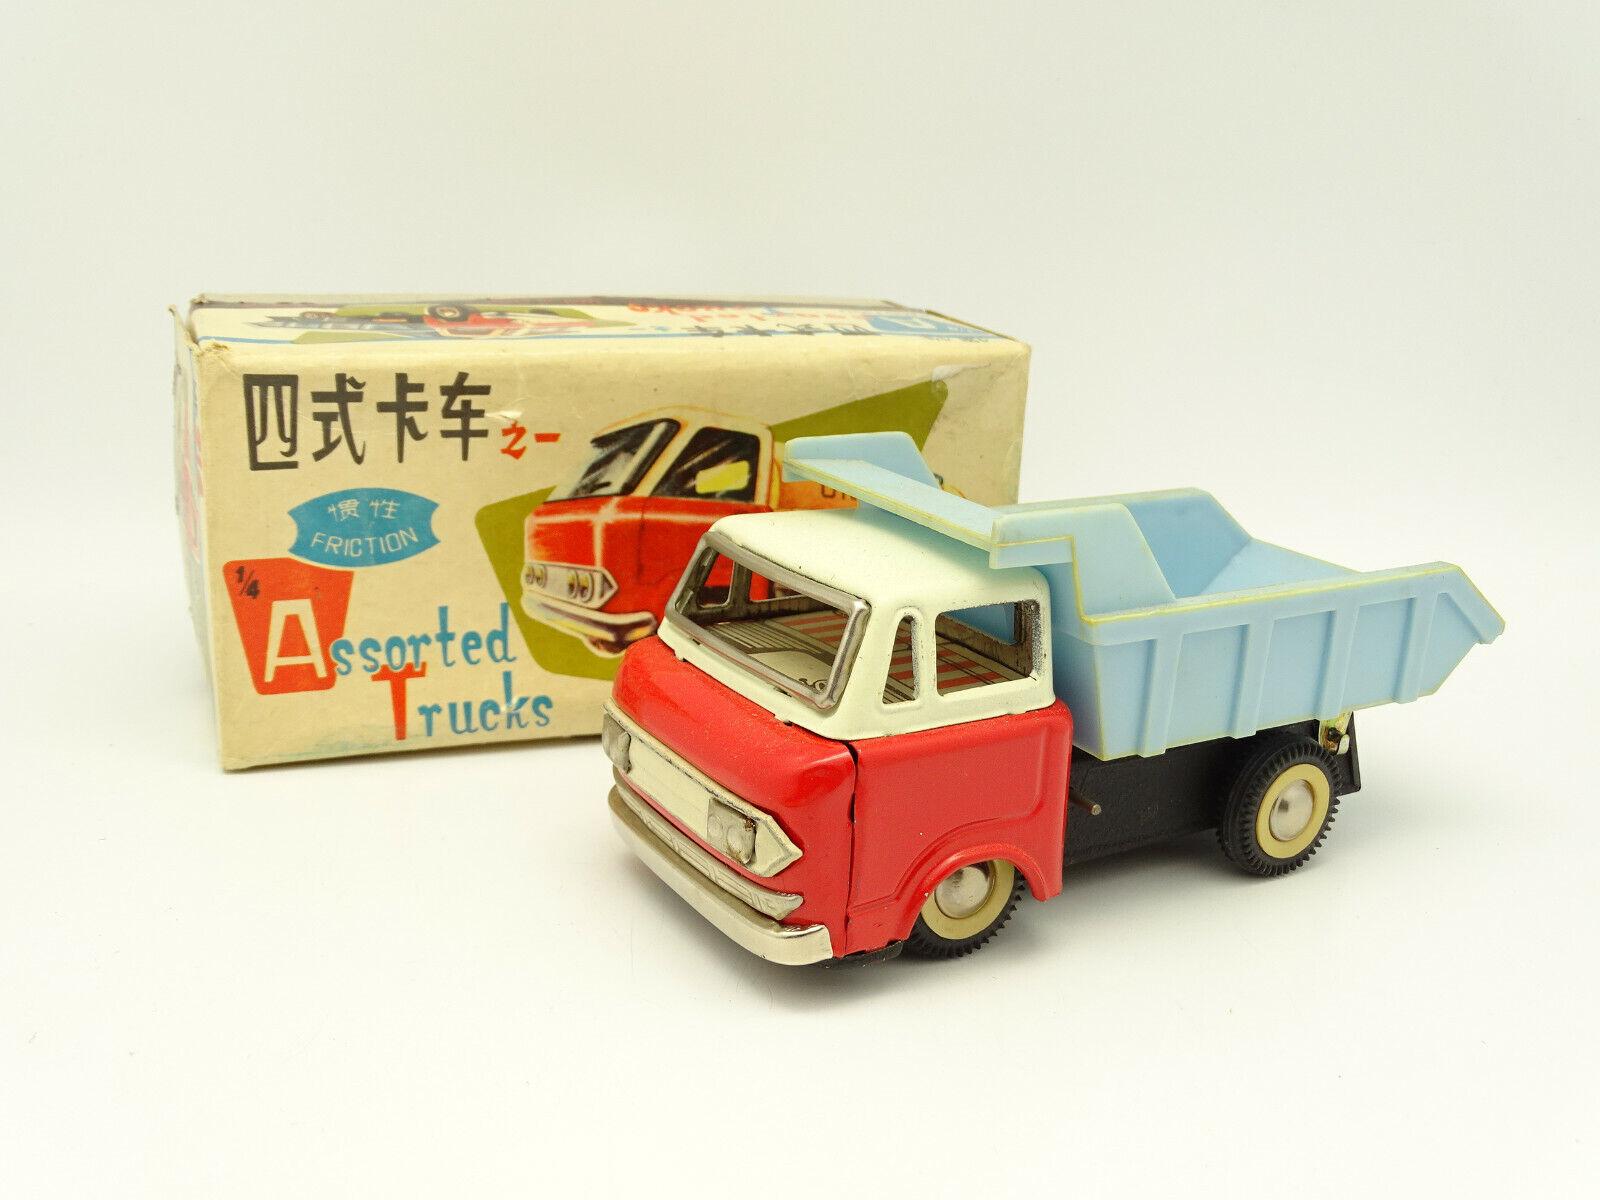 Tin Giocattolo Cina Metallo 1 43 - Camion Camion Camion Cassone Mf 214 9932d0